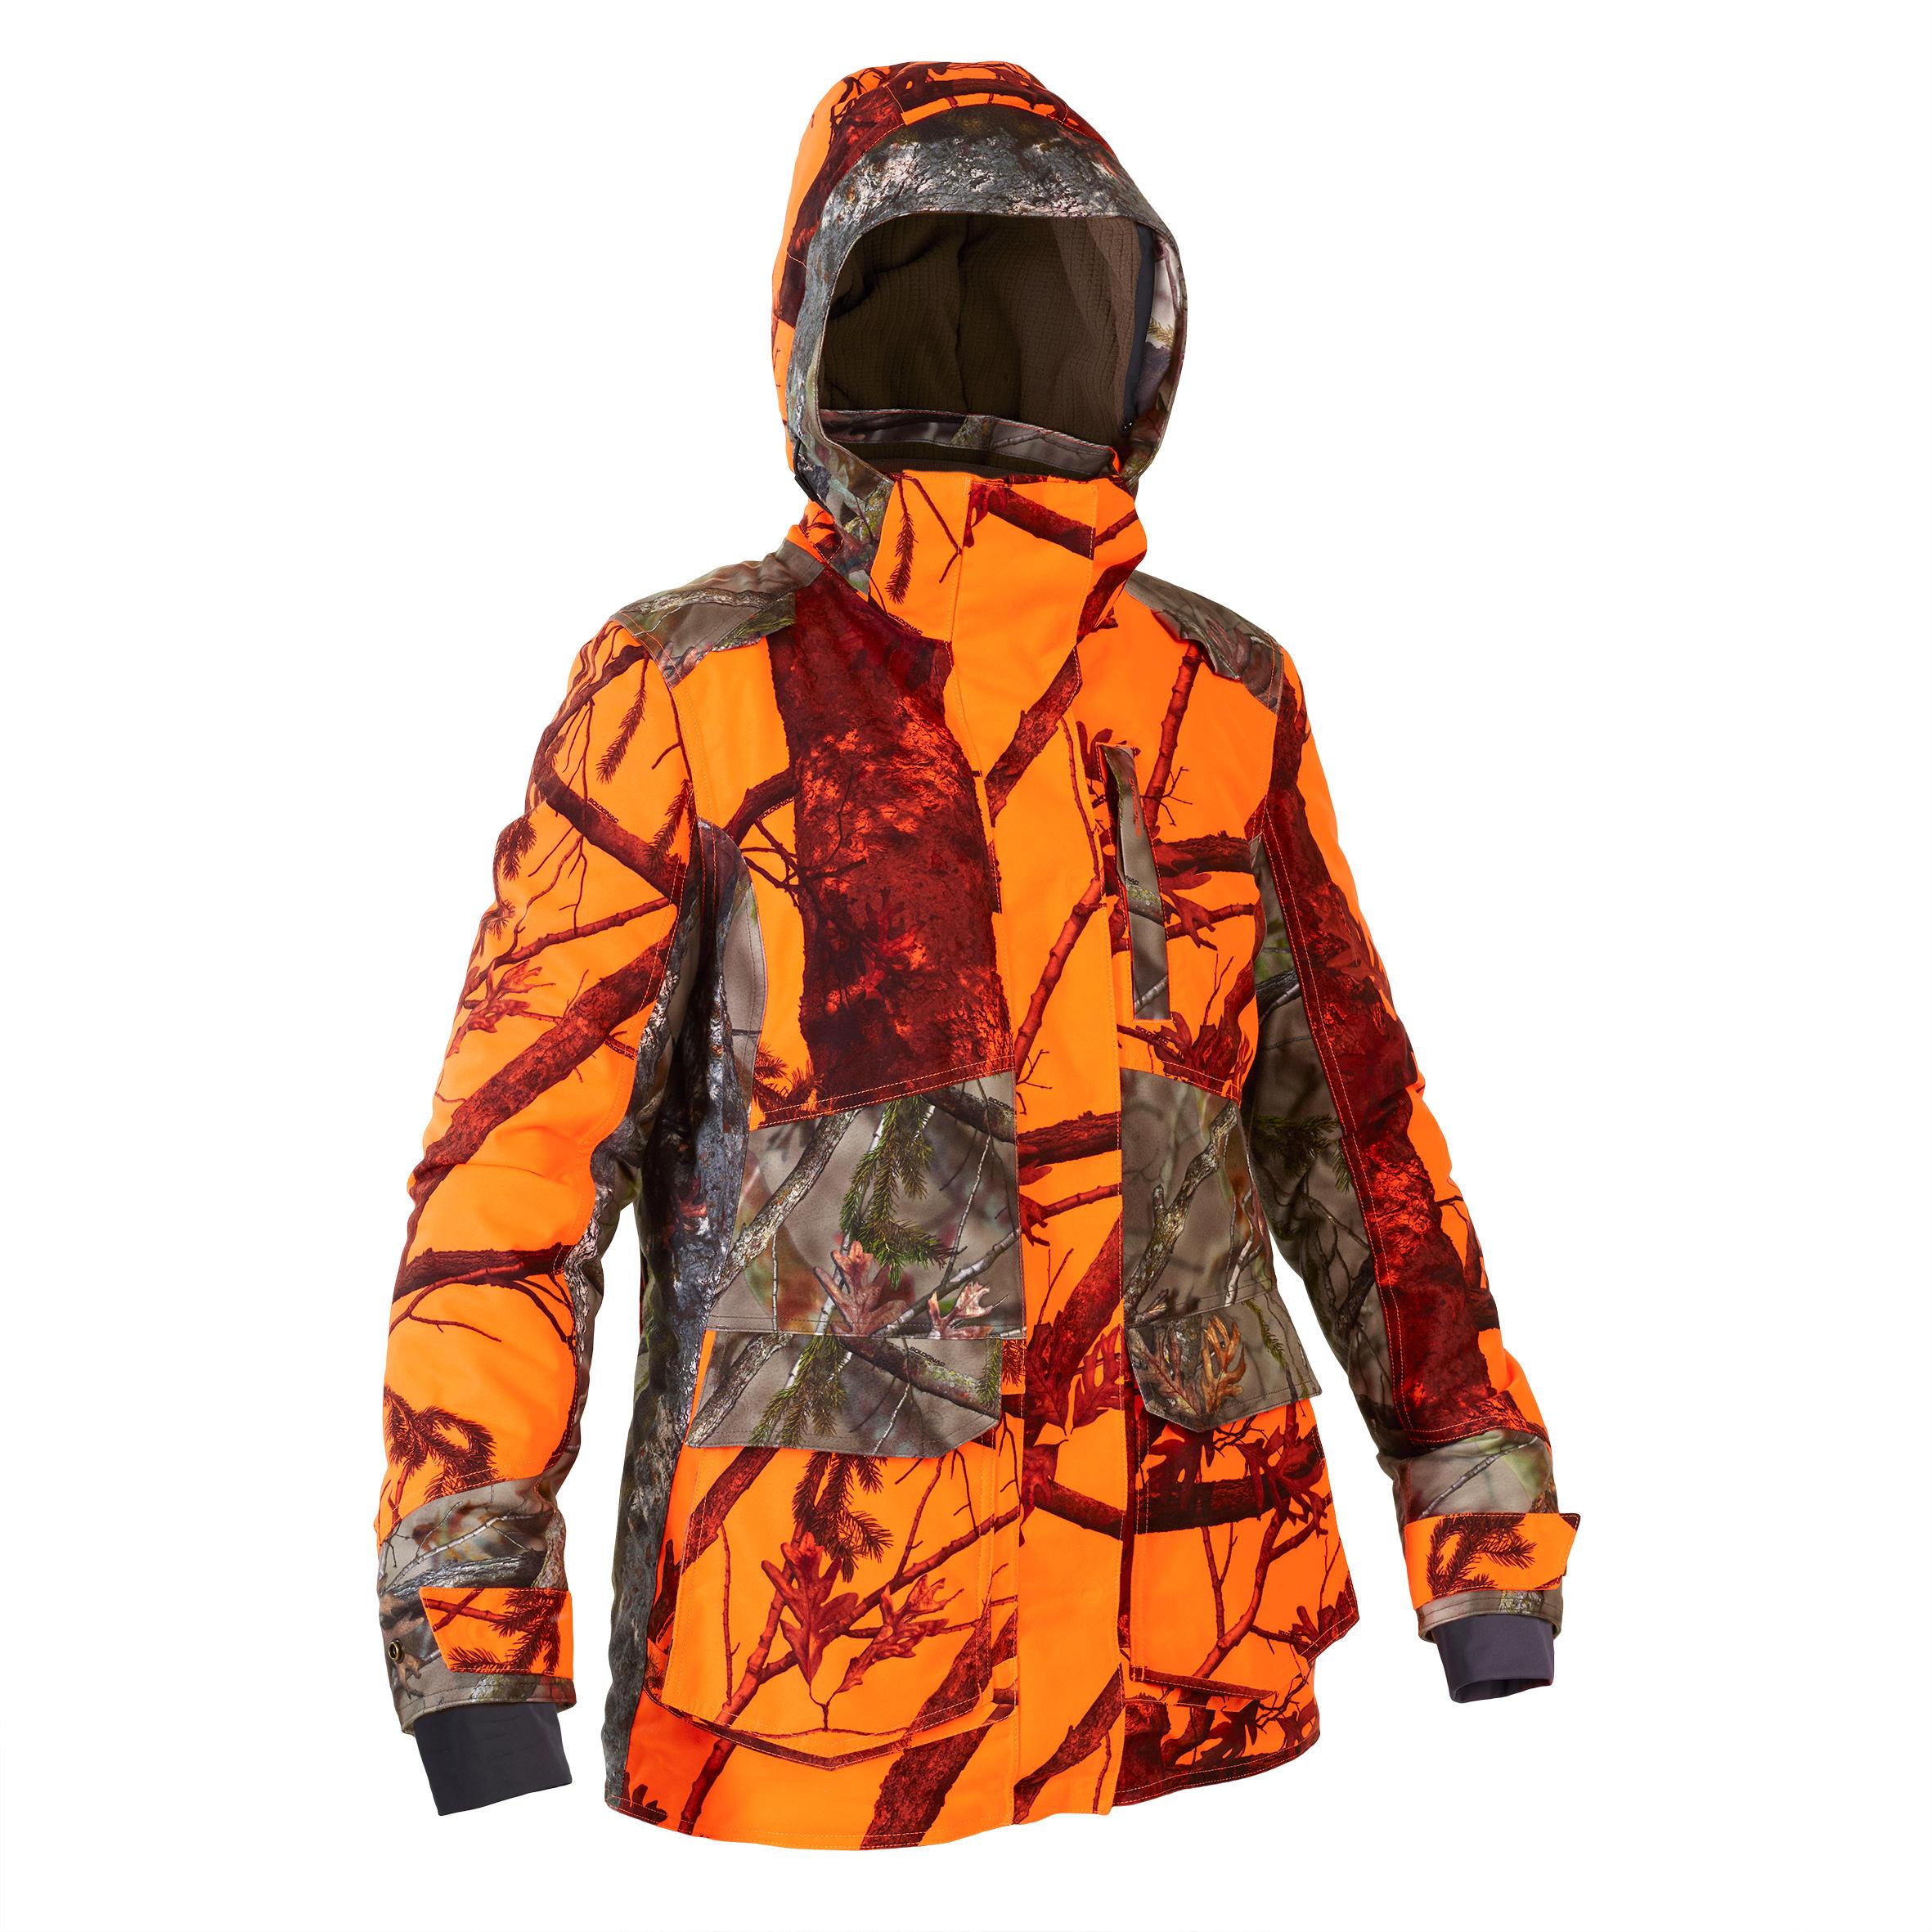 Jachetă 3 în 1 500 KAMO damă imagine